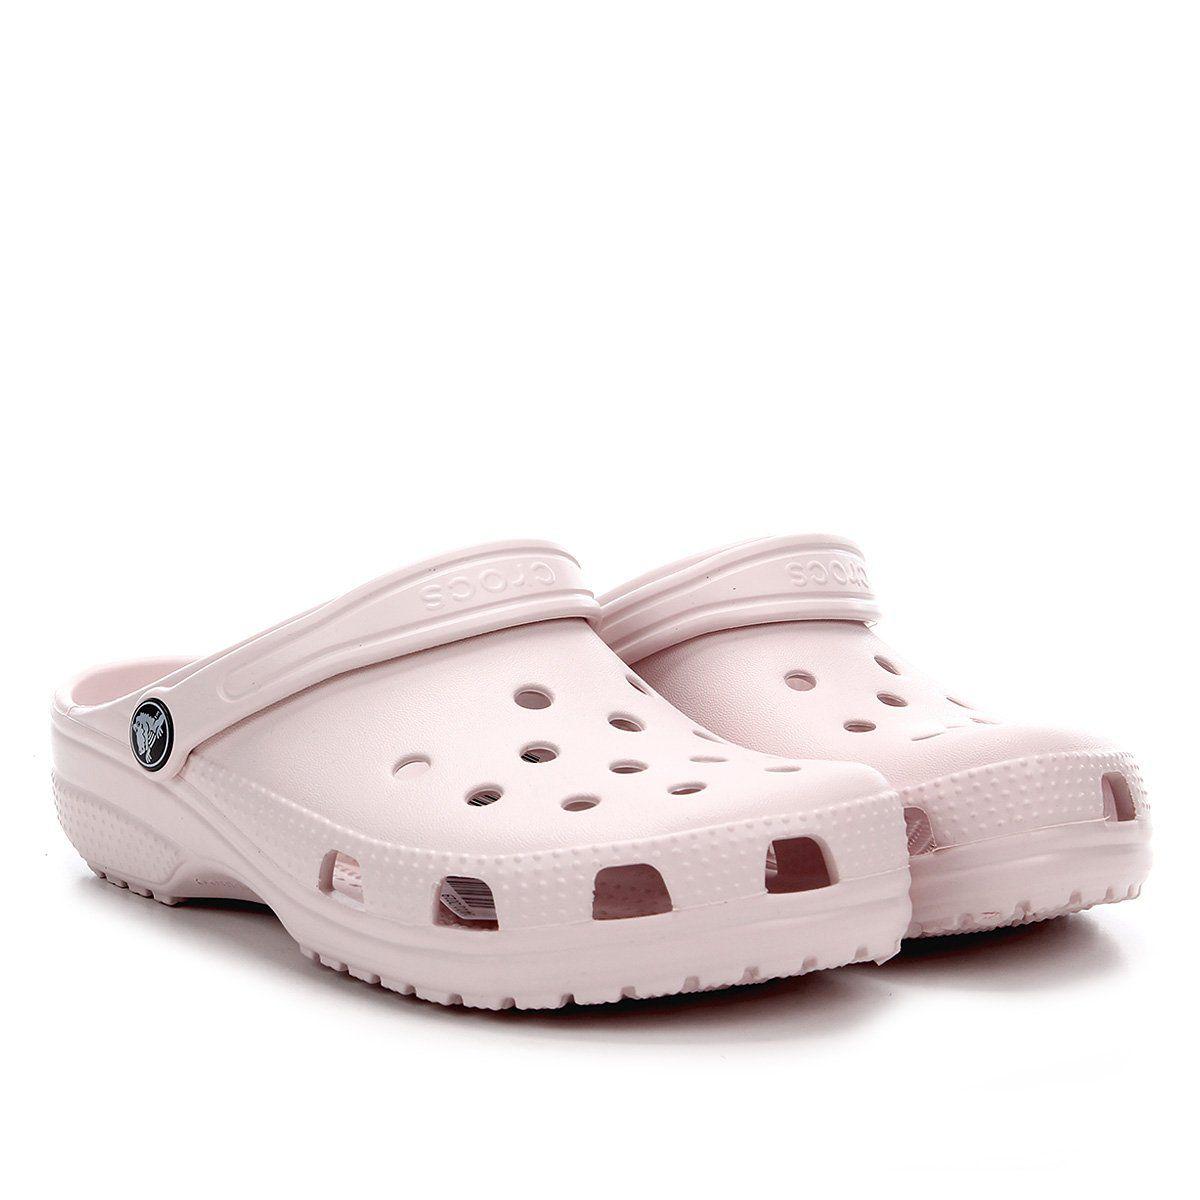 Sandália Crocs Classic Infantil - Barely pink